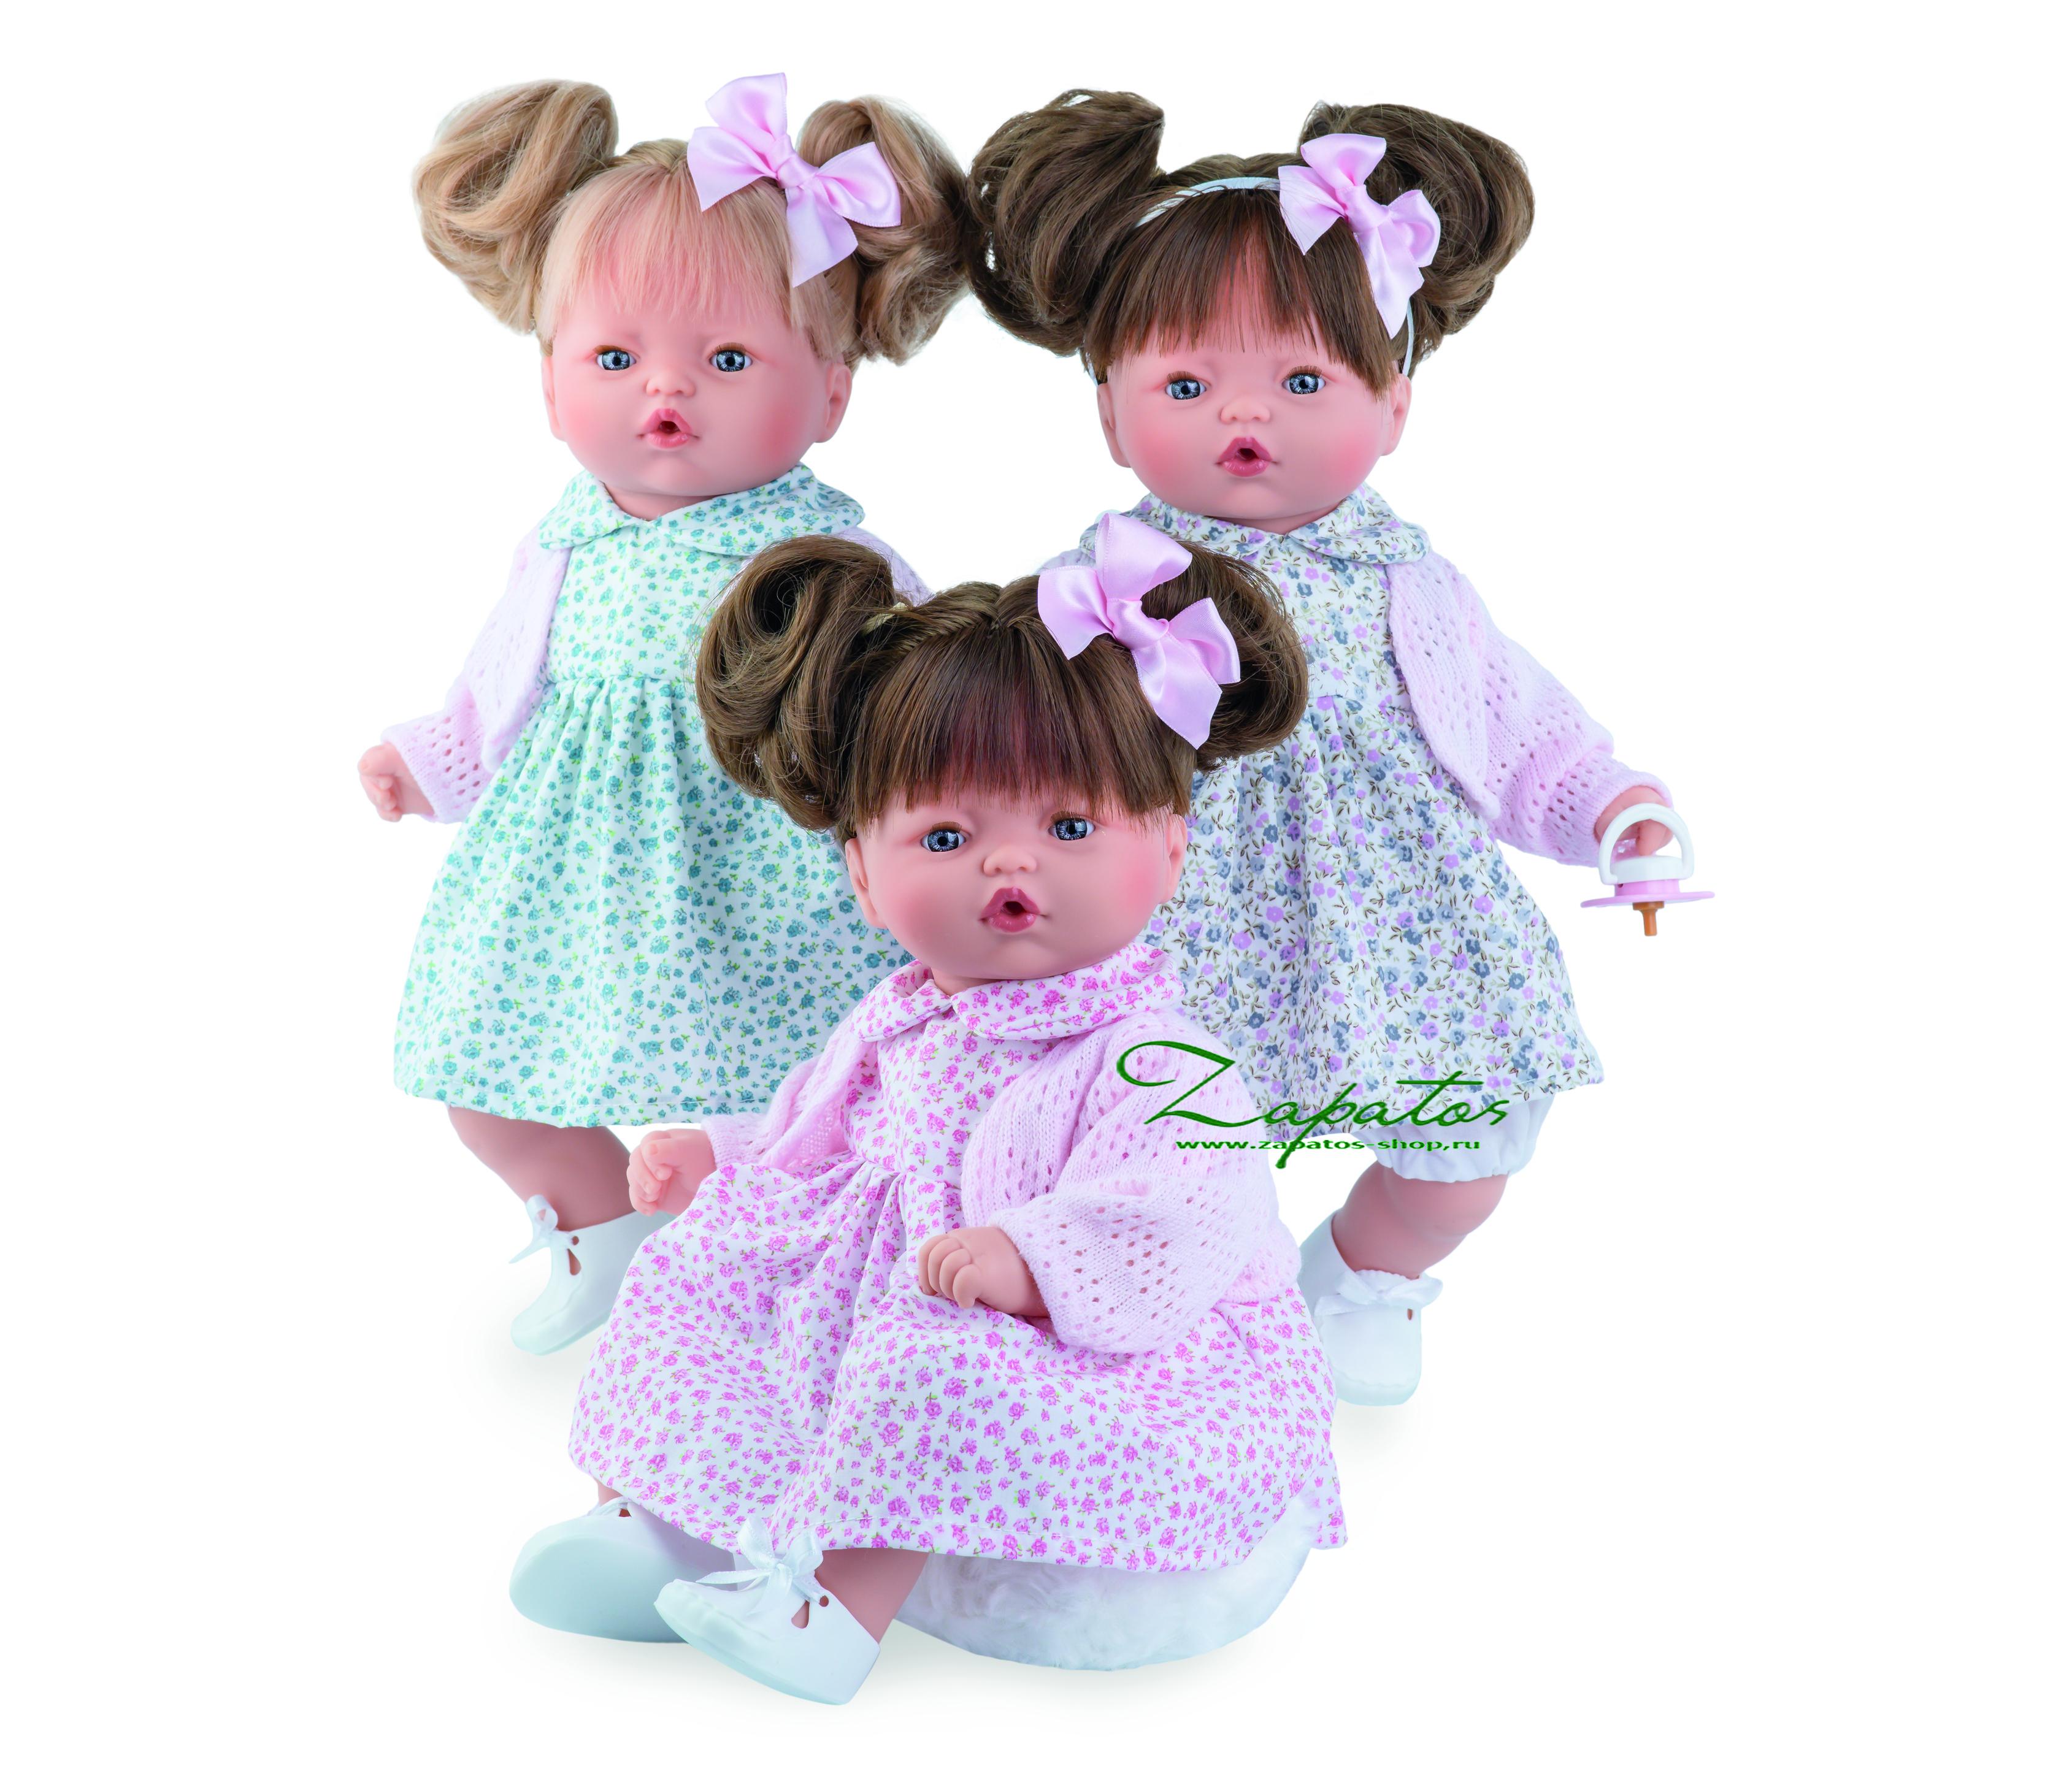 Кукла MARINA & PAU • PITUS FLOWER •